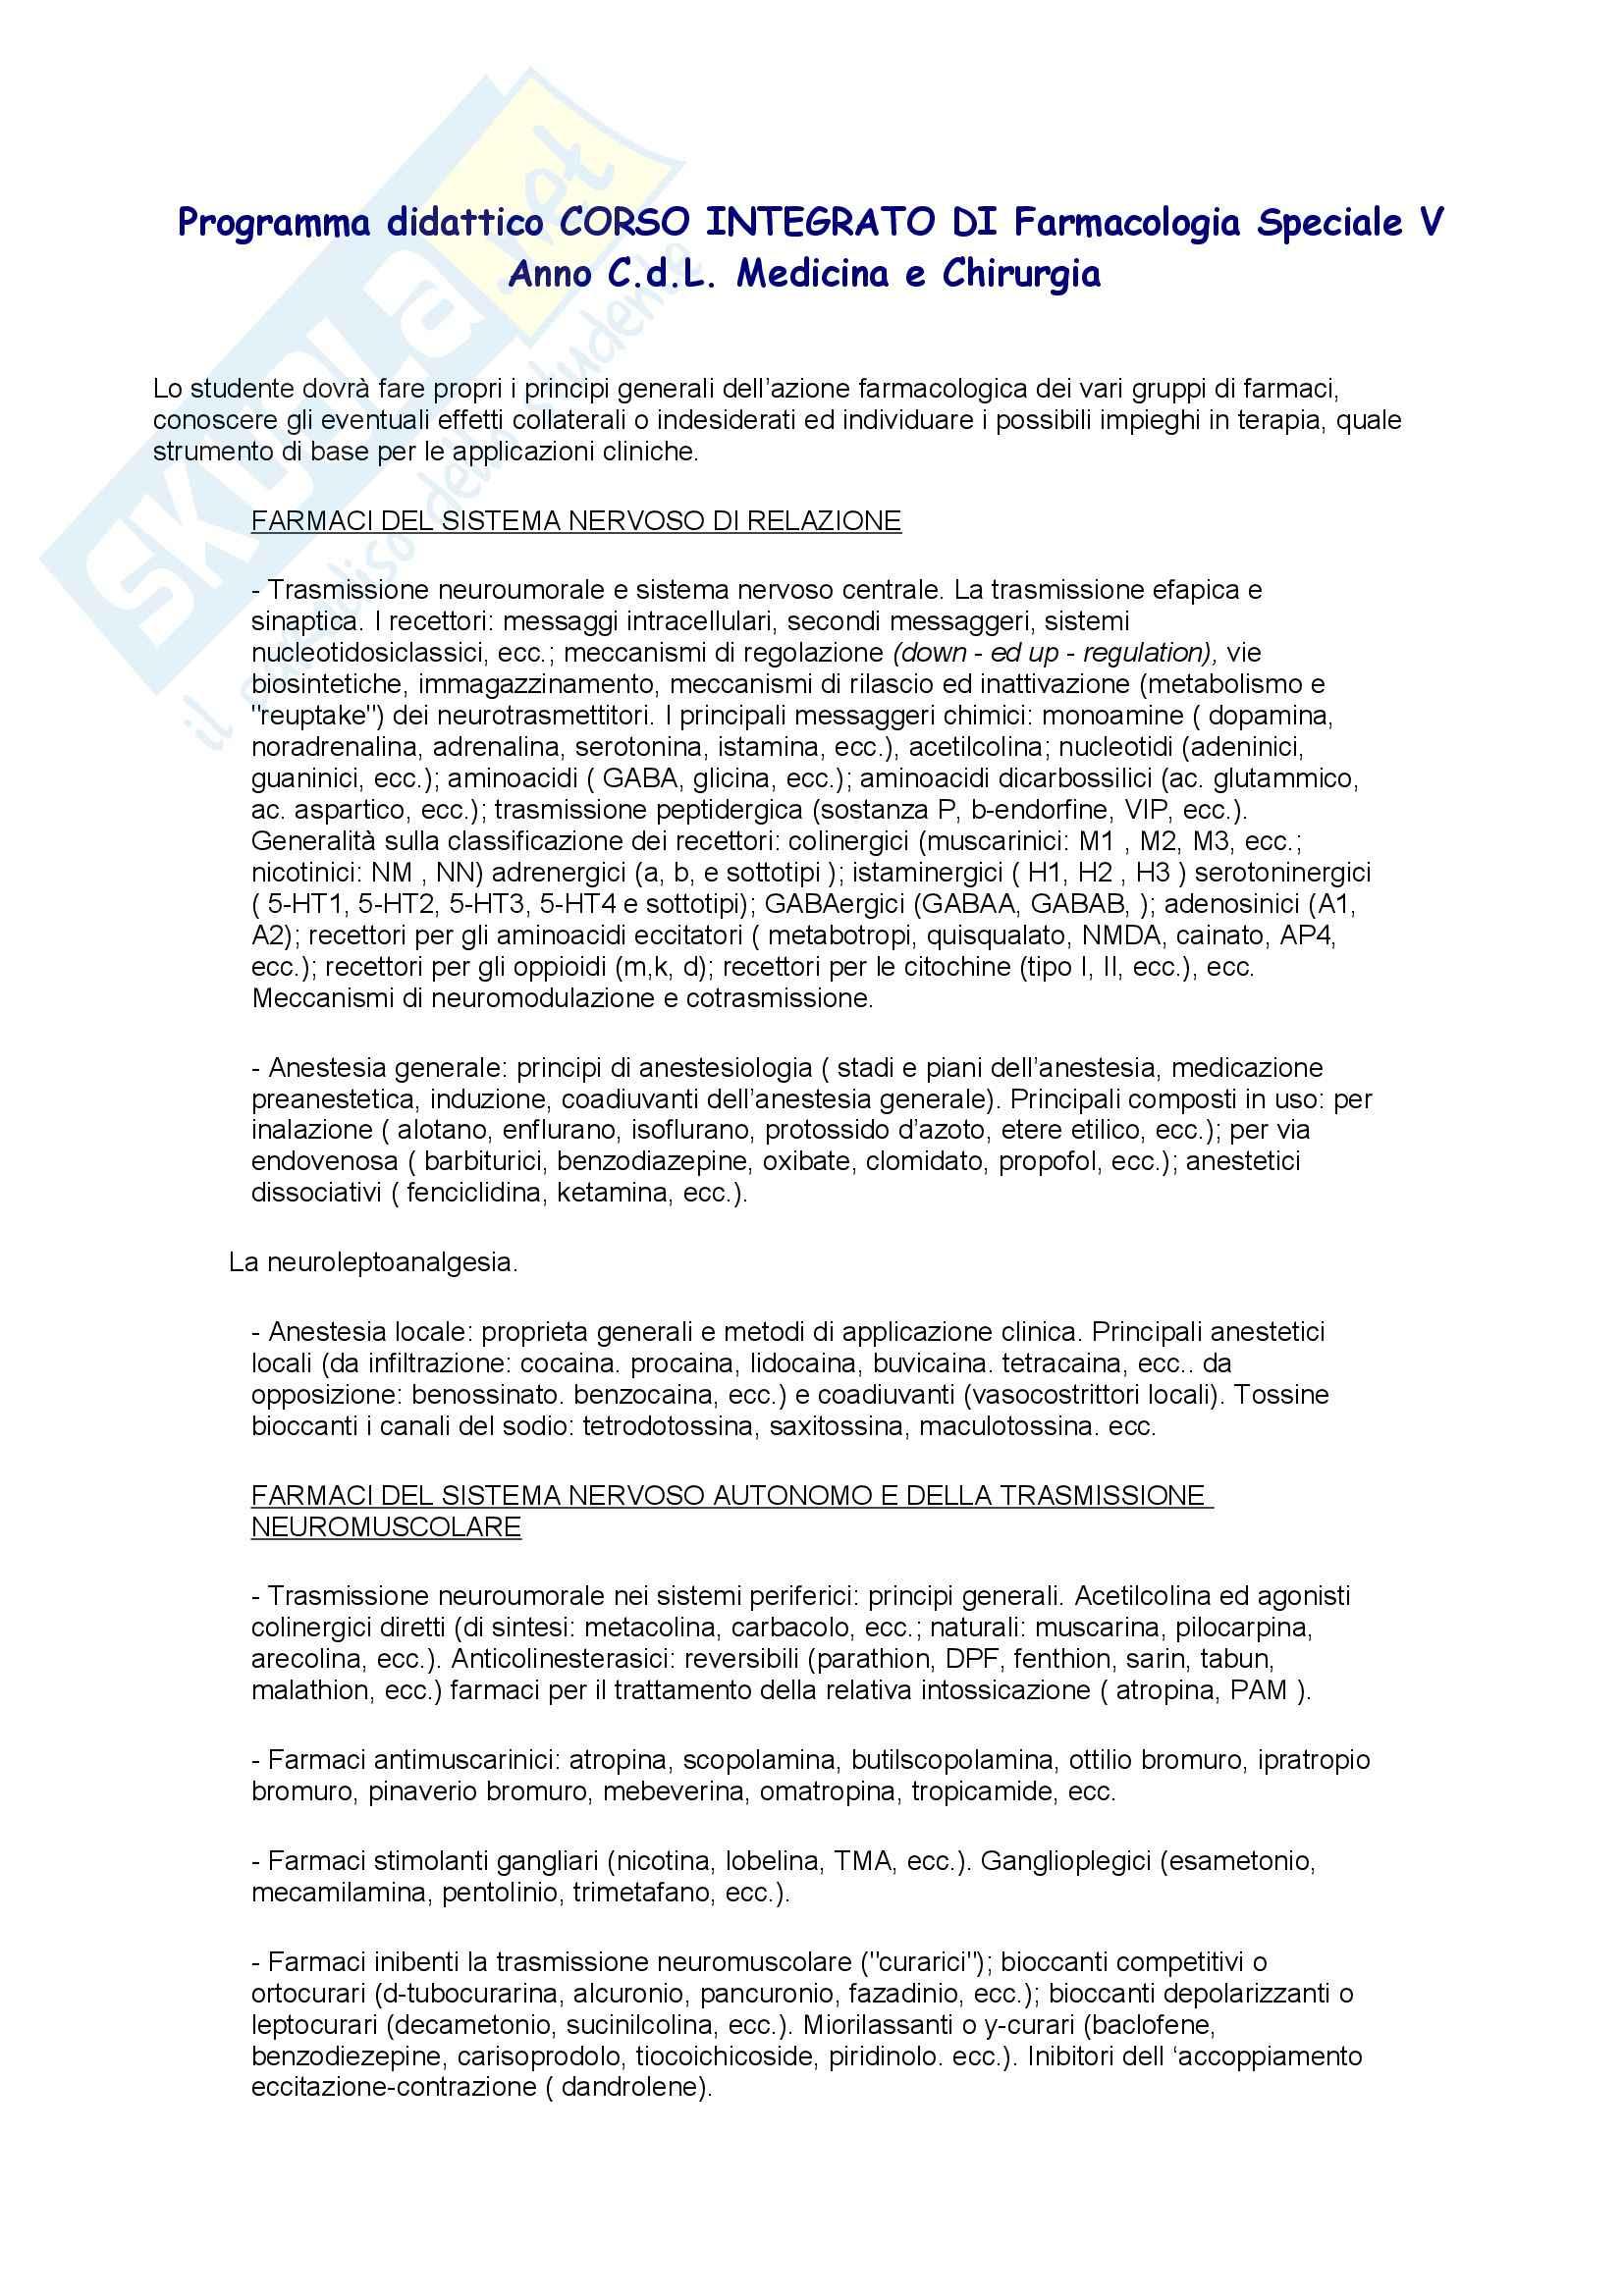 Farmacologia - Programma speciale 5 Anno